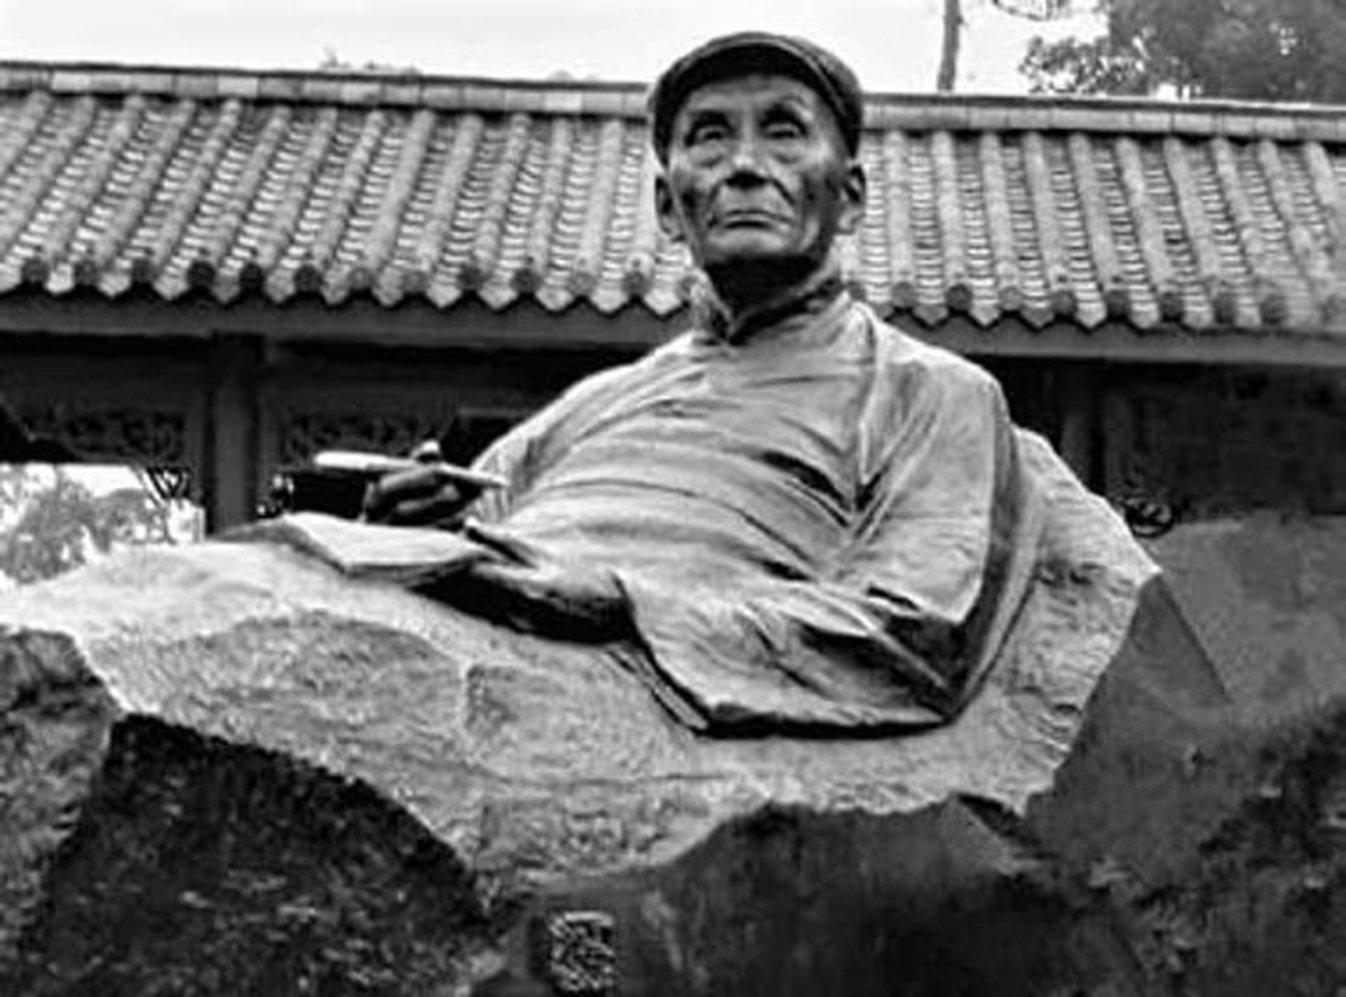 聶紺弩的紀念雕像。(網絡圖片)